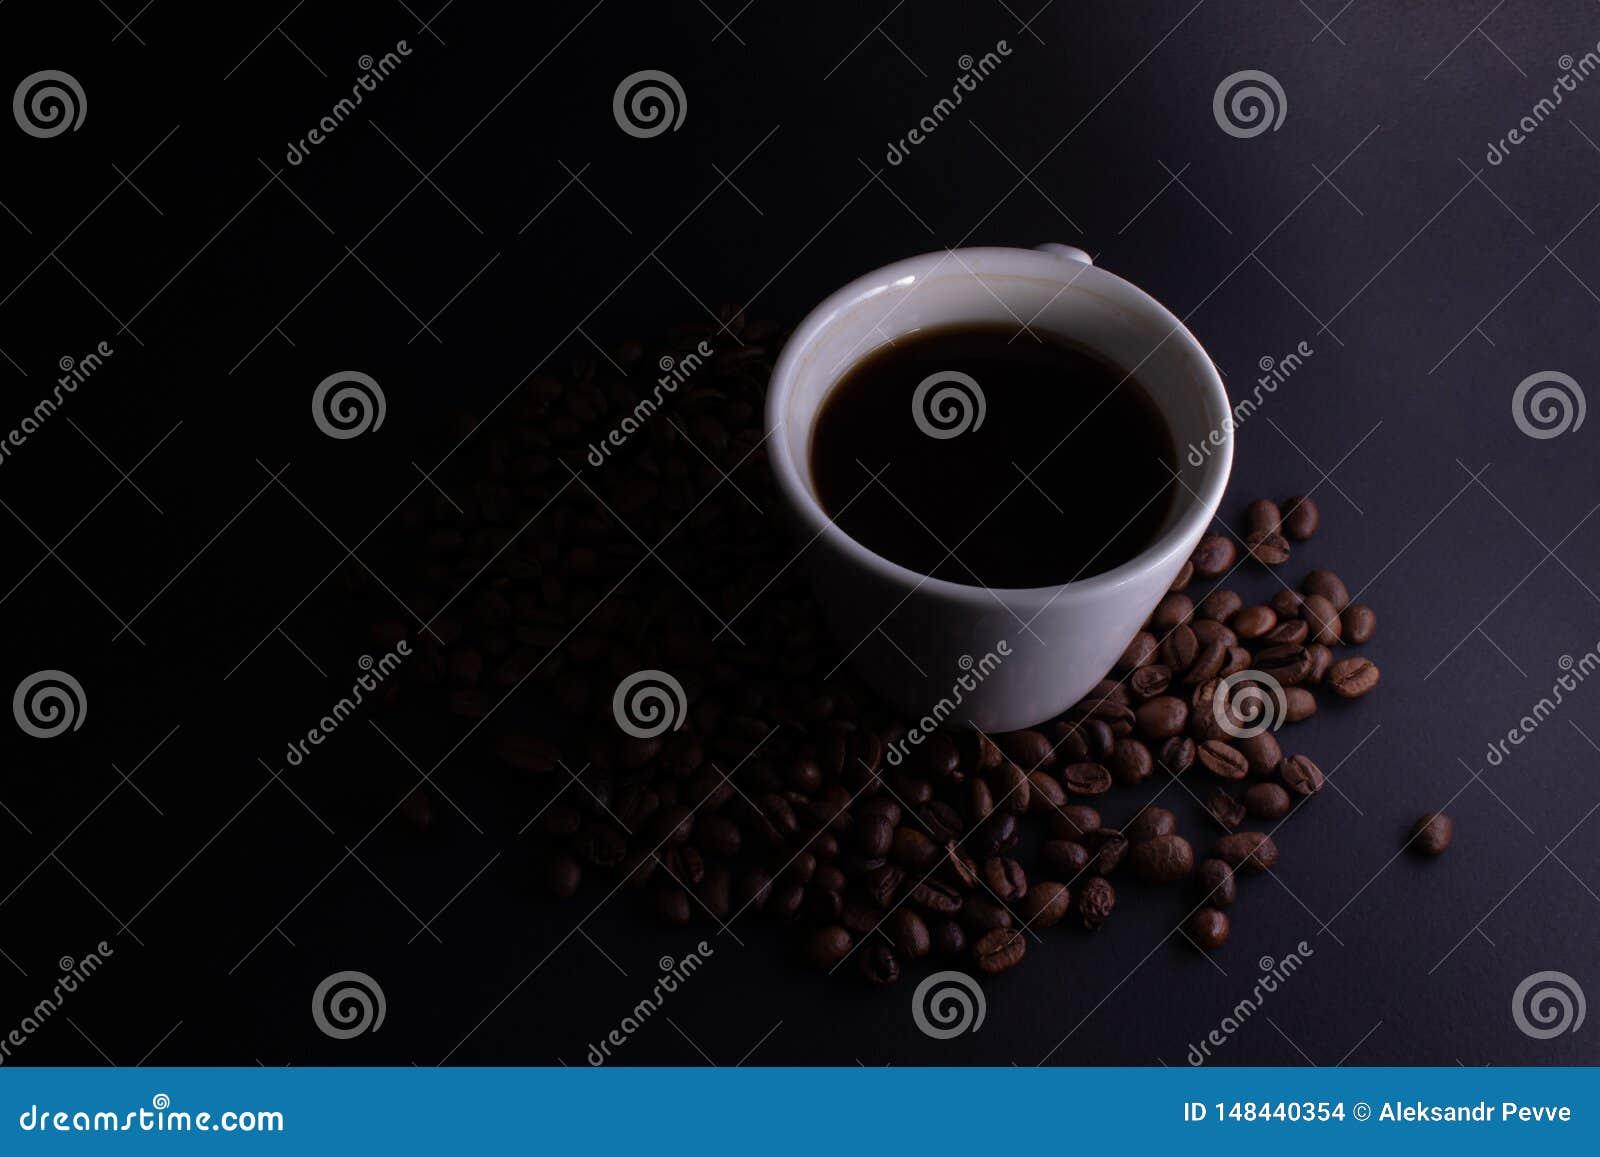 Gradientowy oświetlenie filiżanka z czarną silną kawą na ciemnym tle z posypanymi kawowymi fasolami